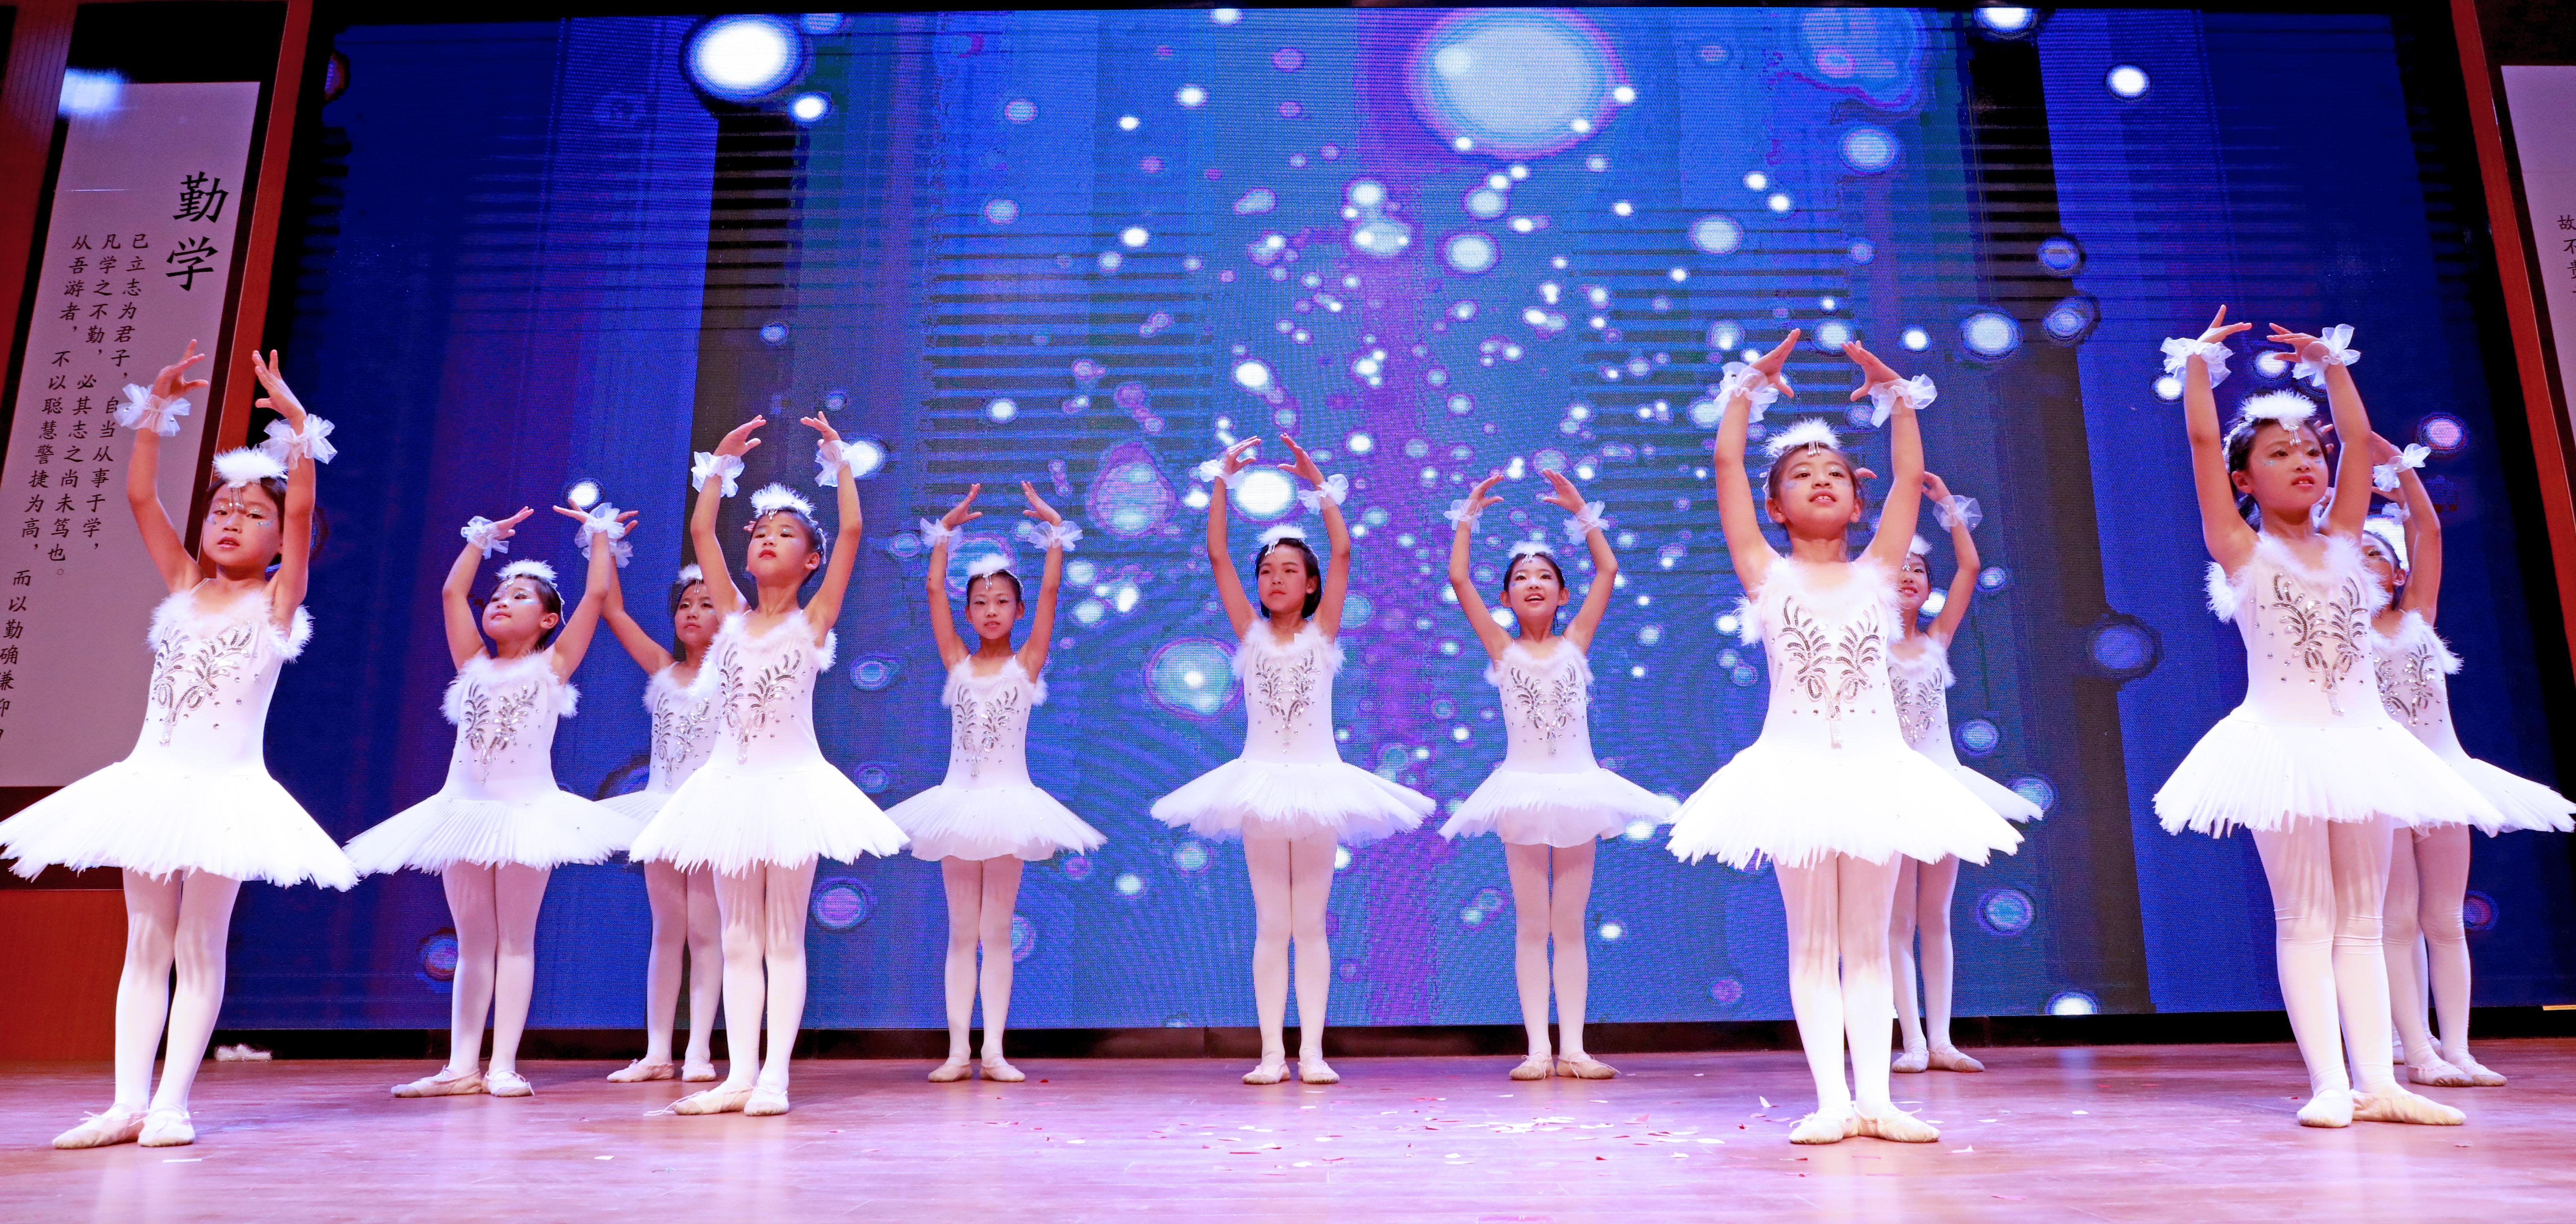 舞蹈.jpg